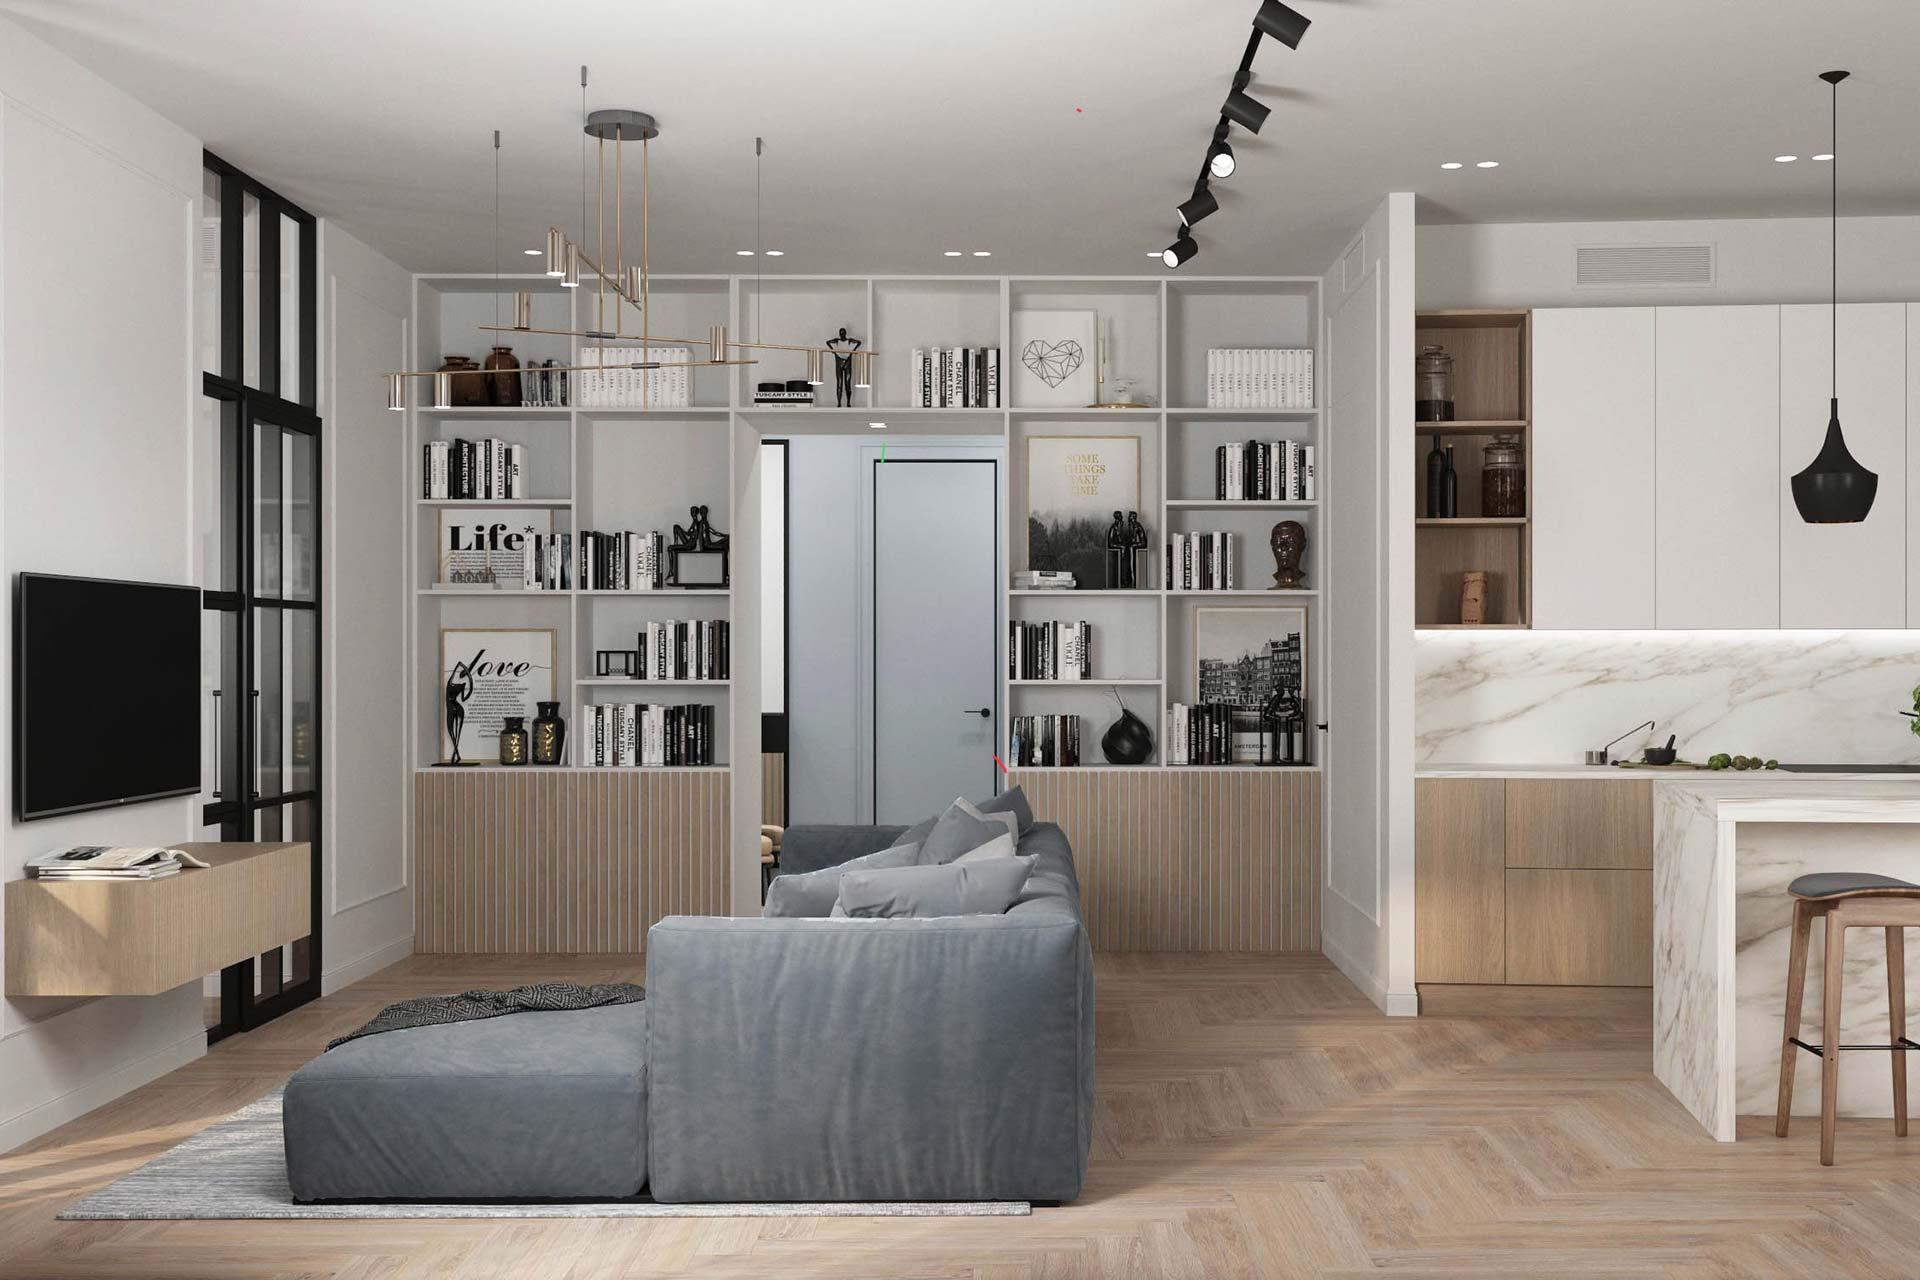 Дизайн интерьера 4-х комнатной квартиры в ЖК Balchug Viewpoint | Современный стиль